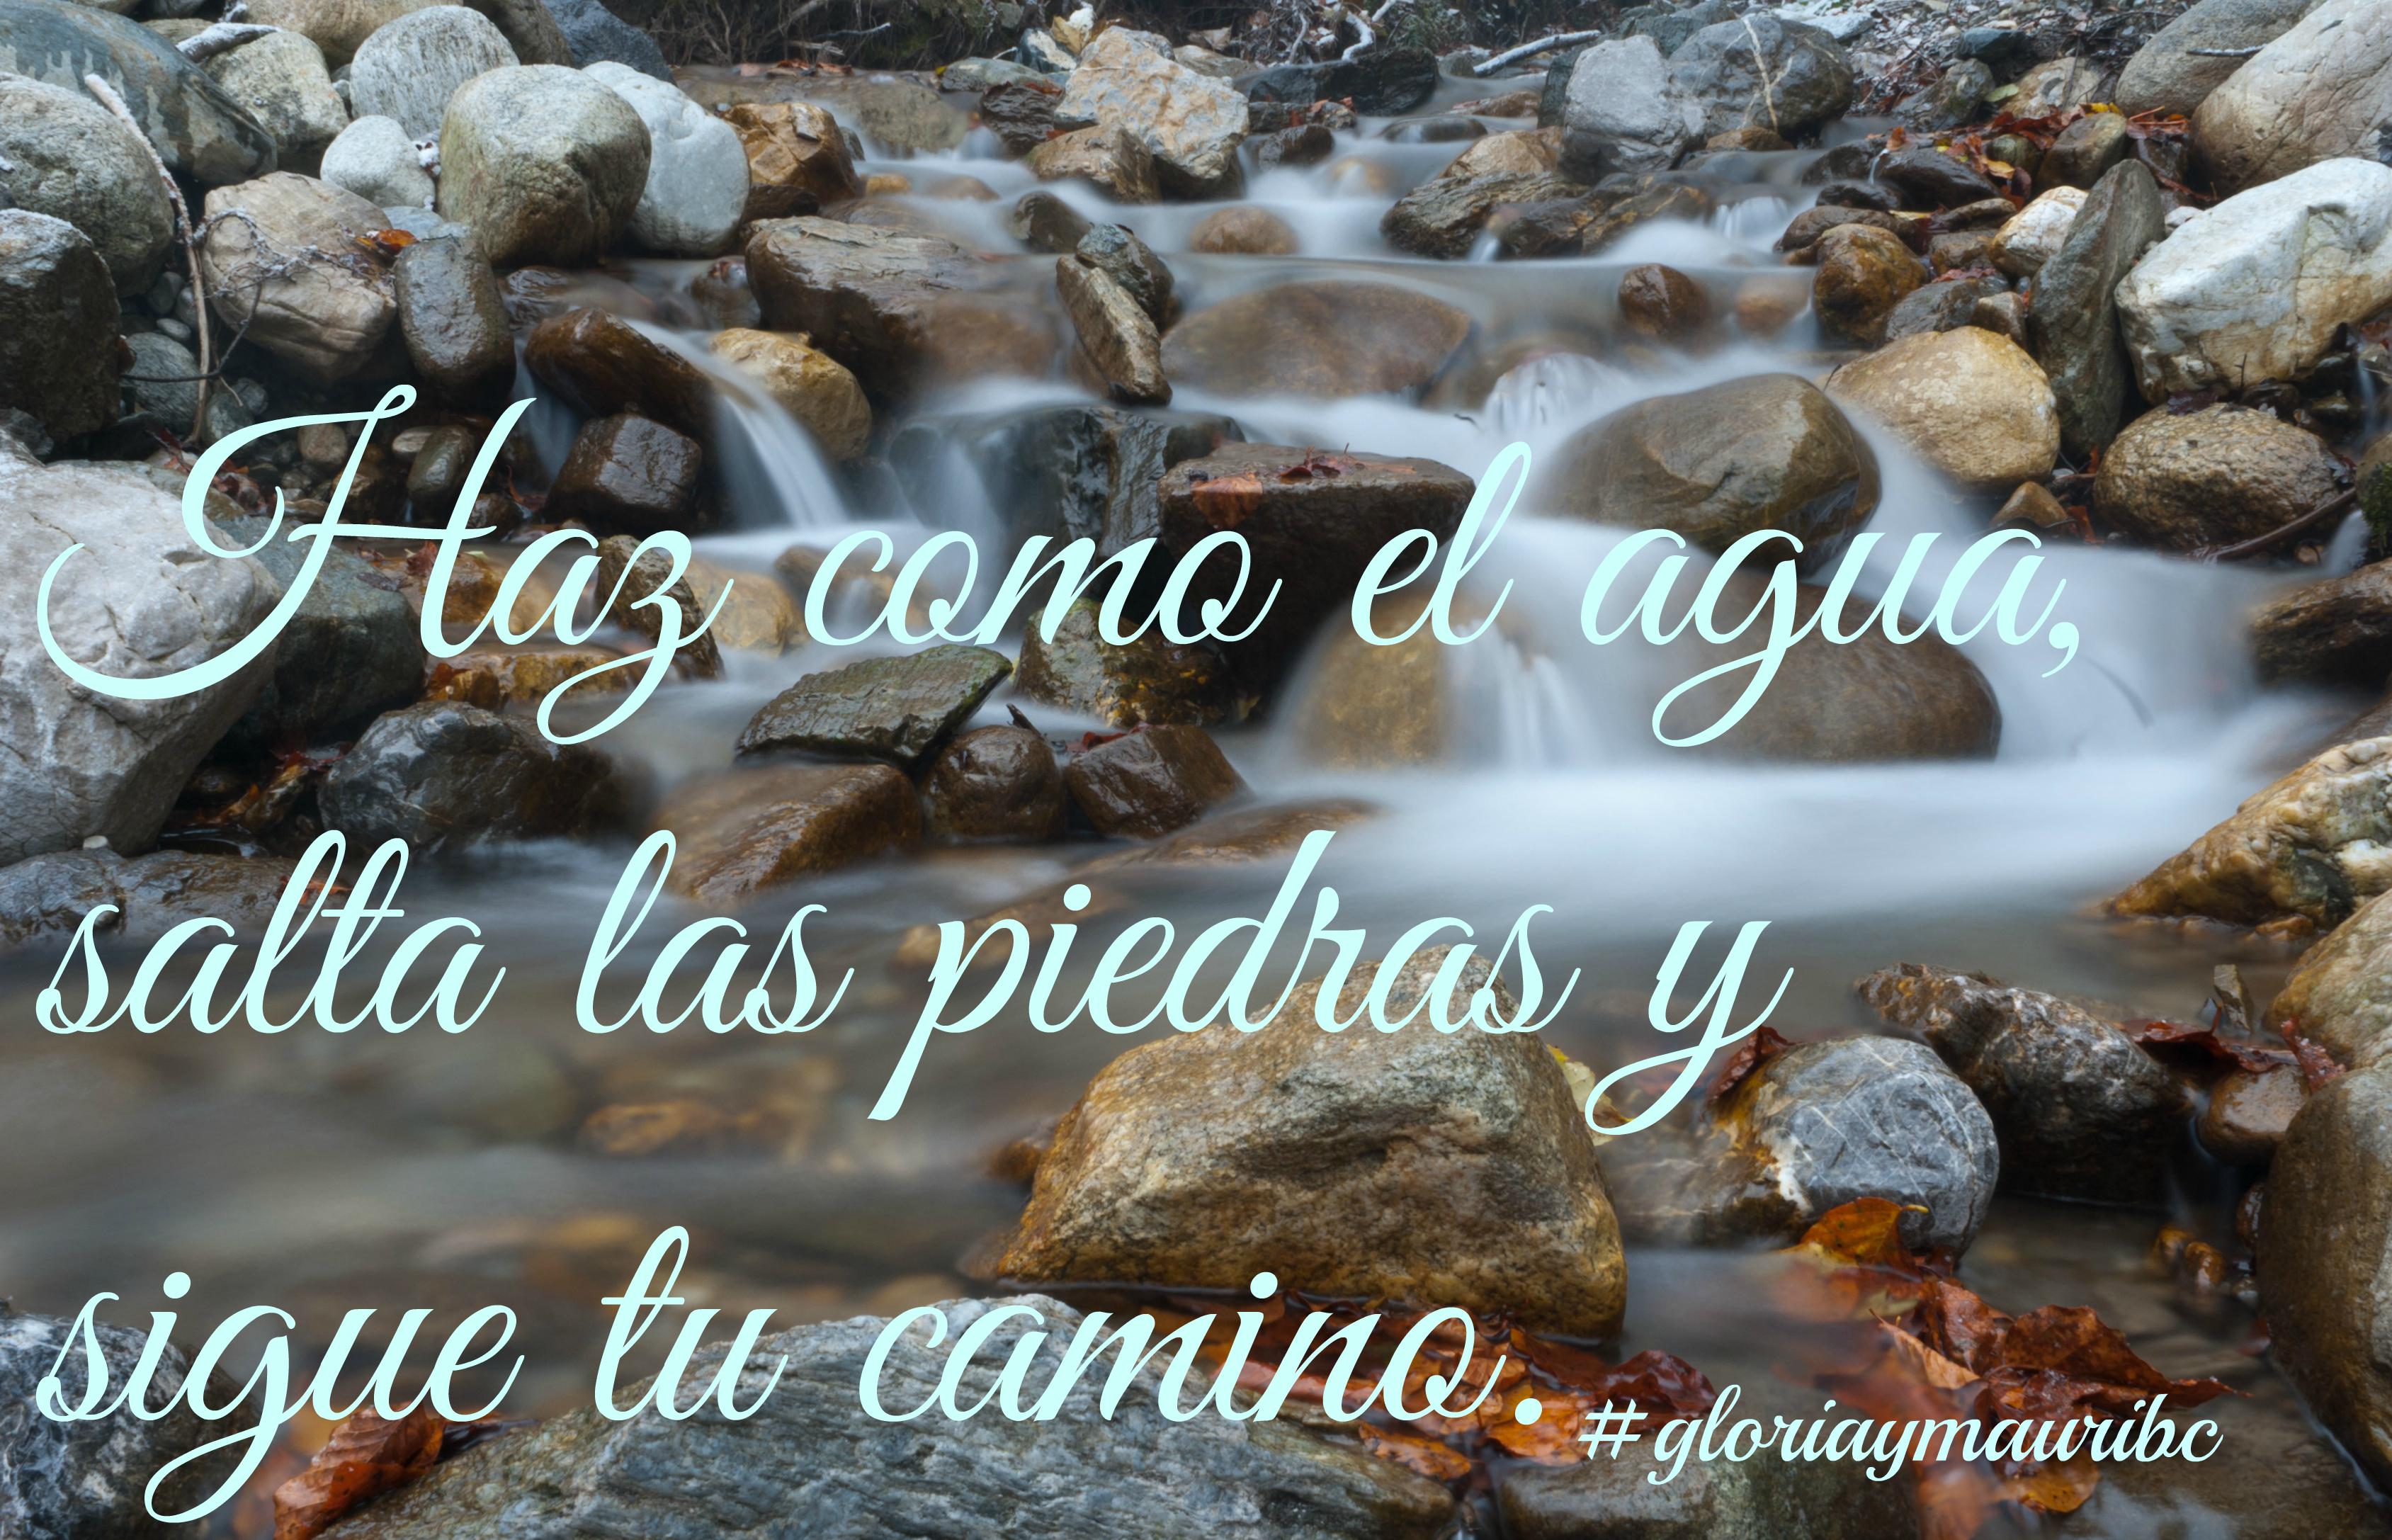 Hay saltar los obstaculos y rodearlos, No paralizarte delante de ellos. https://www.facebook.com/gloriaymauri